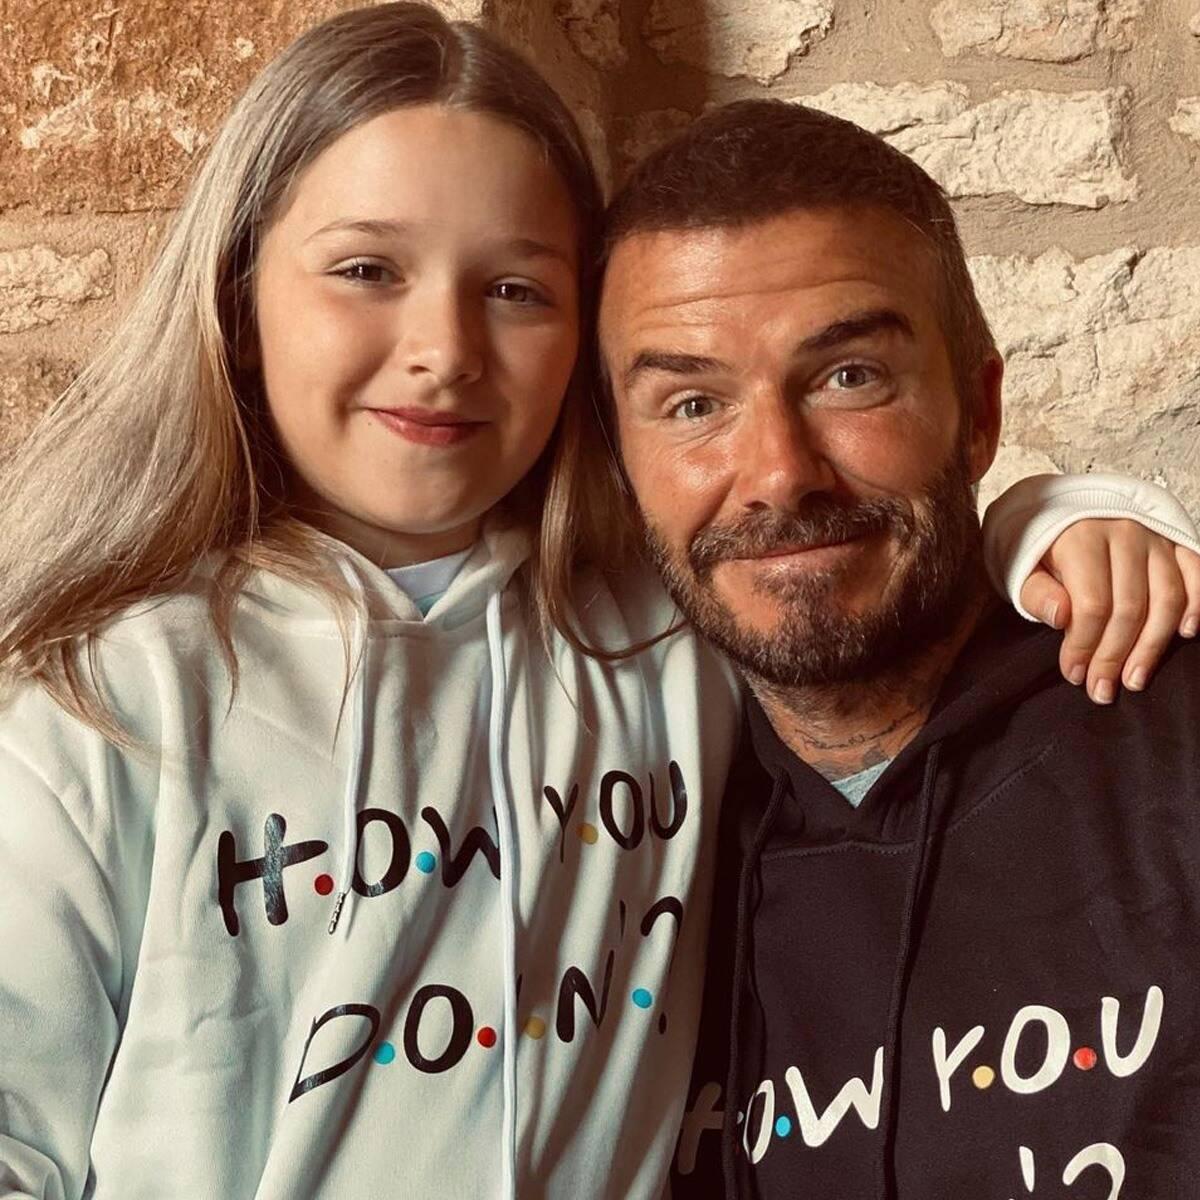 Thư tay nắn nót của 'công chúa' nhà David Beckham gợi nhắc về bài học dạy con nói lời yêu thương